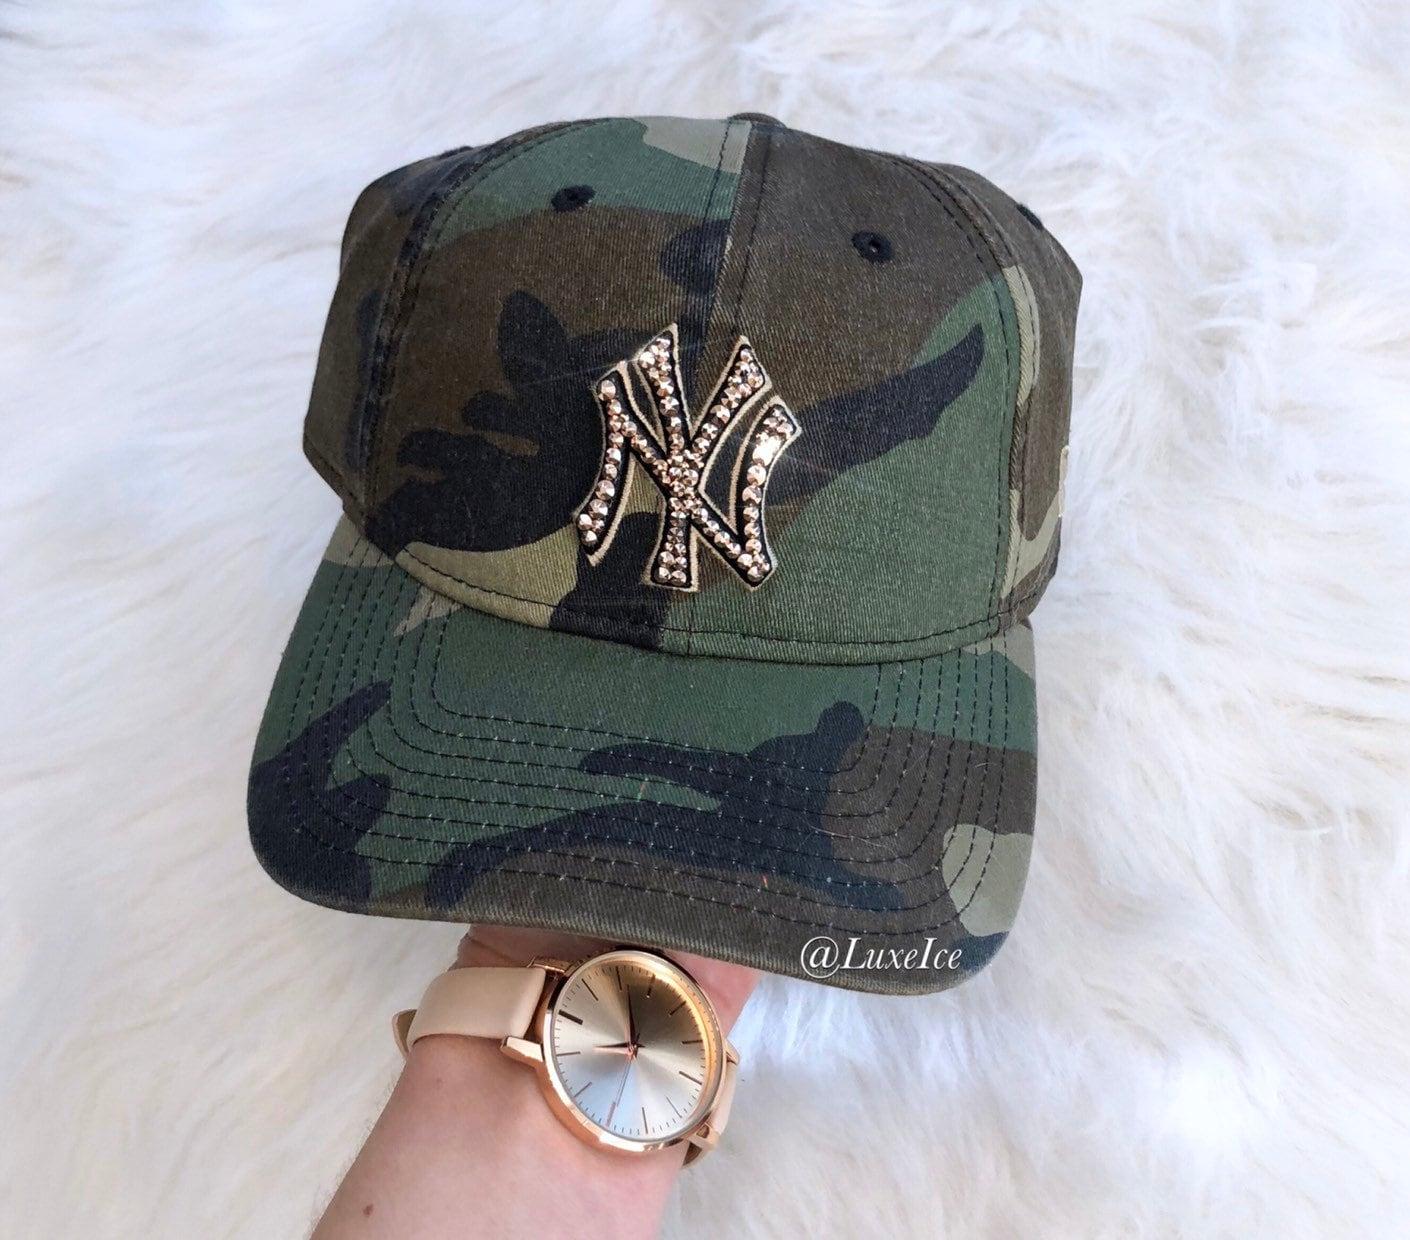 9c2ce335421 Swarovski New Era NY Hat customized with Swarovski 2088